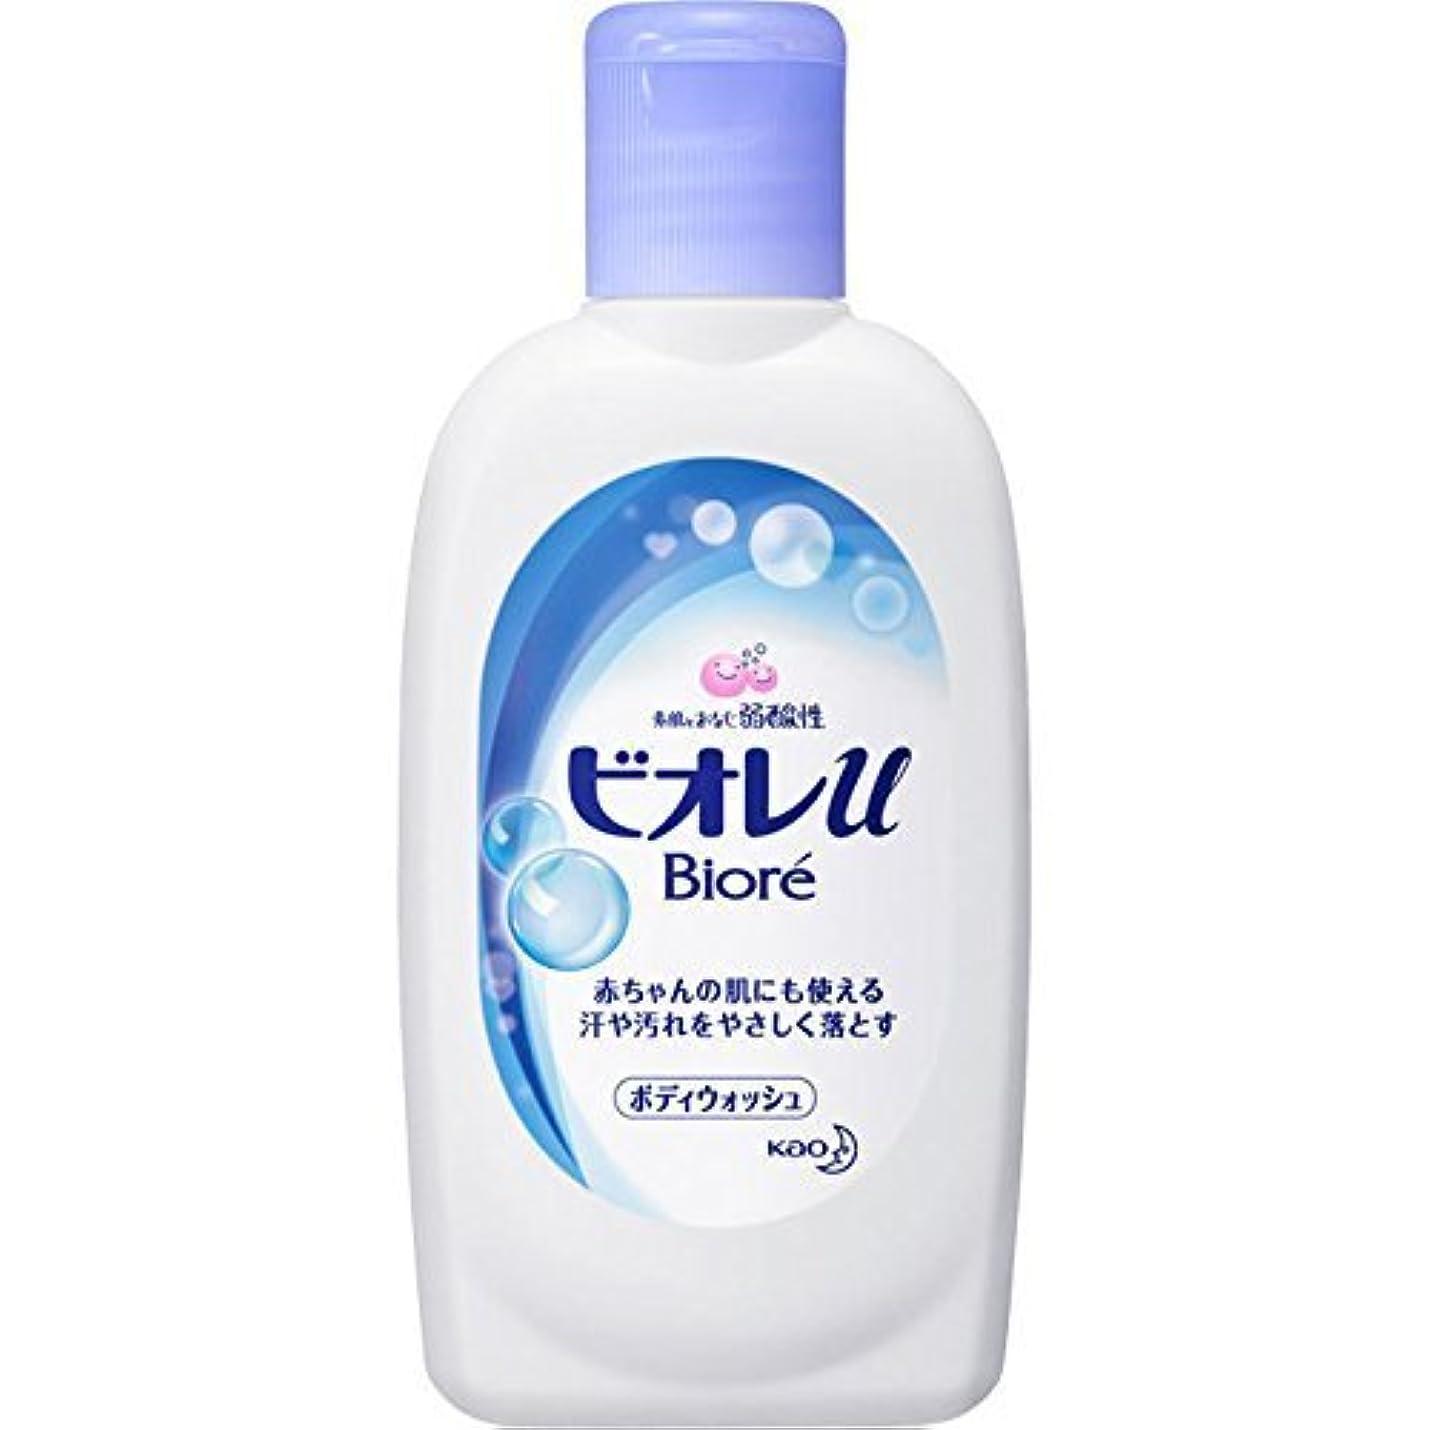 コックスーツ行【花王】ビオレu ミニフレッシュフローラルの香り 90ml ×10個セット